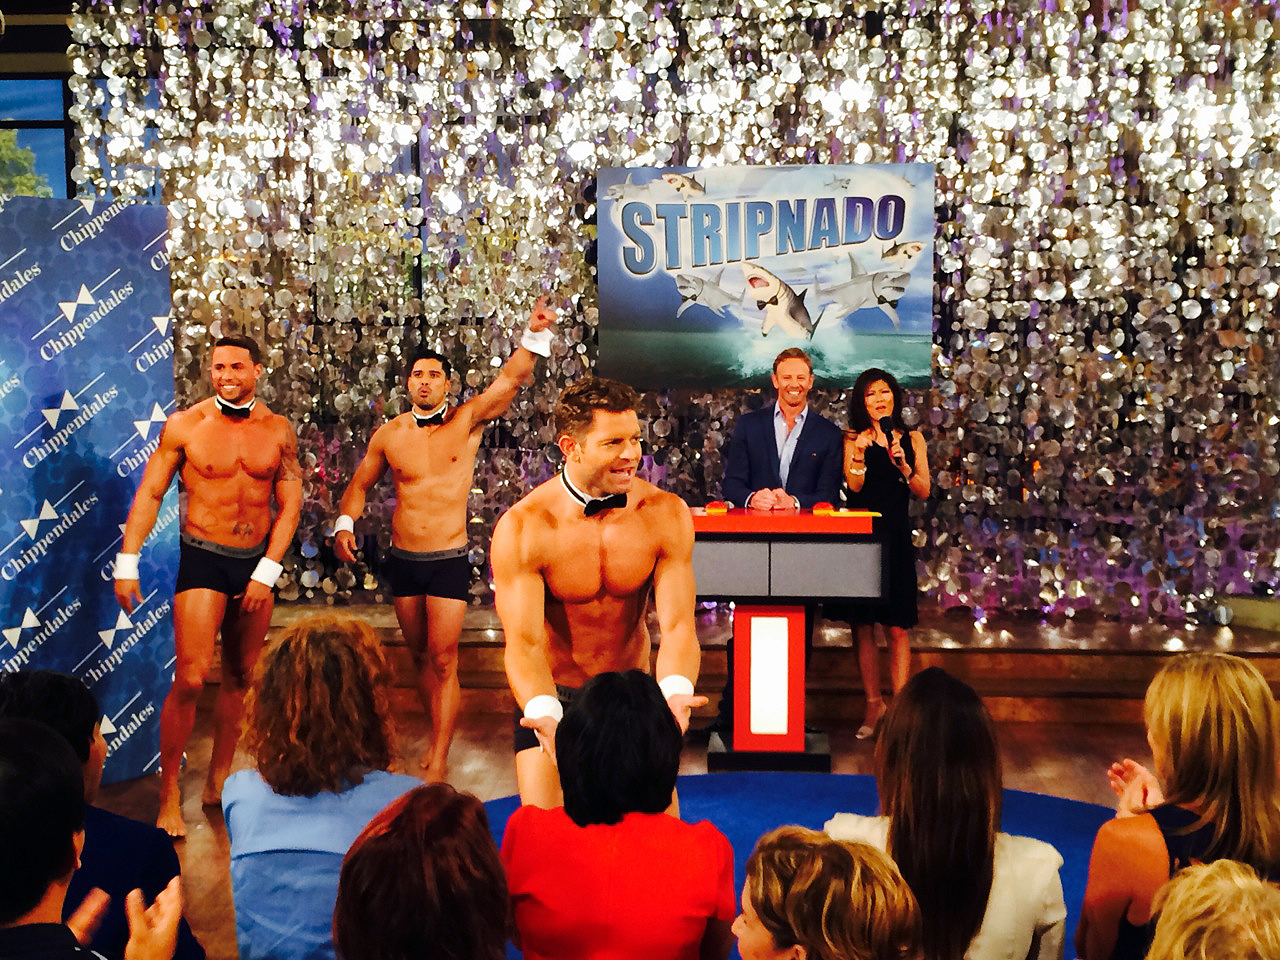 Stripnado